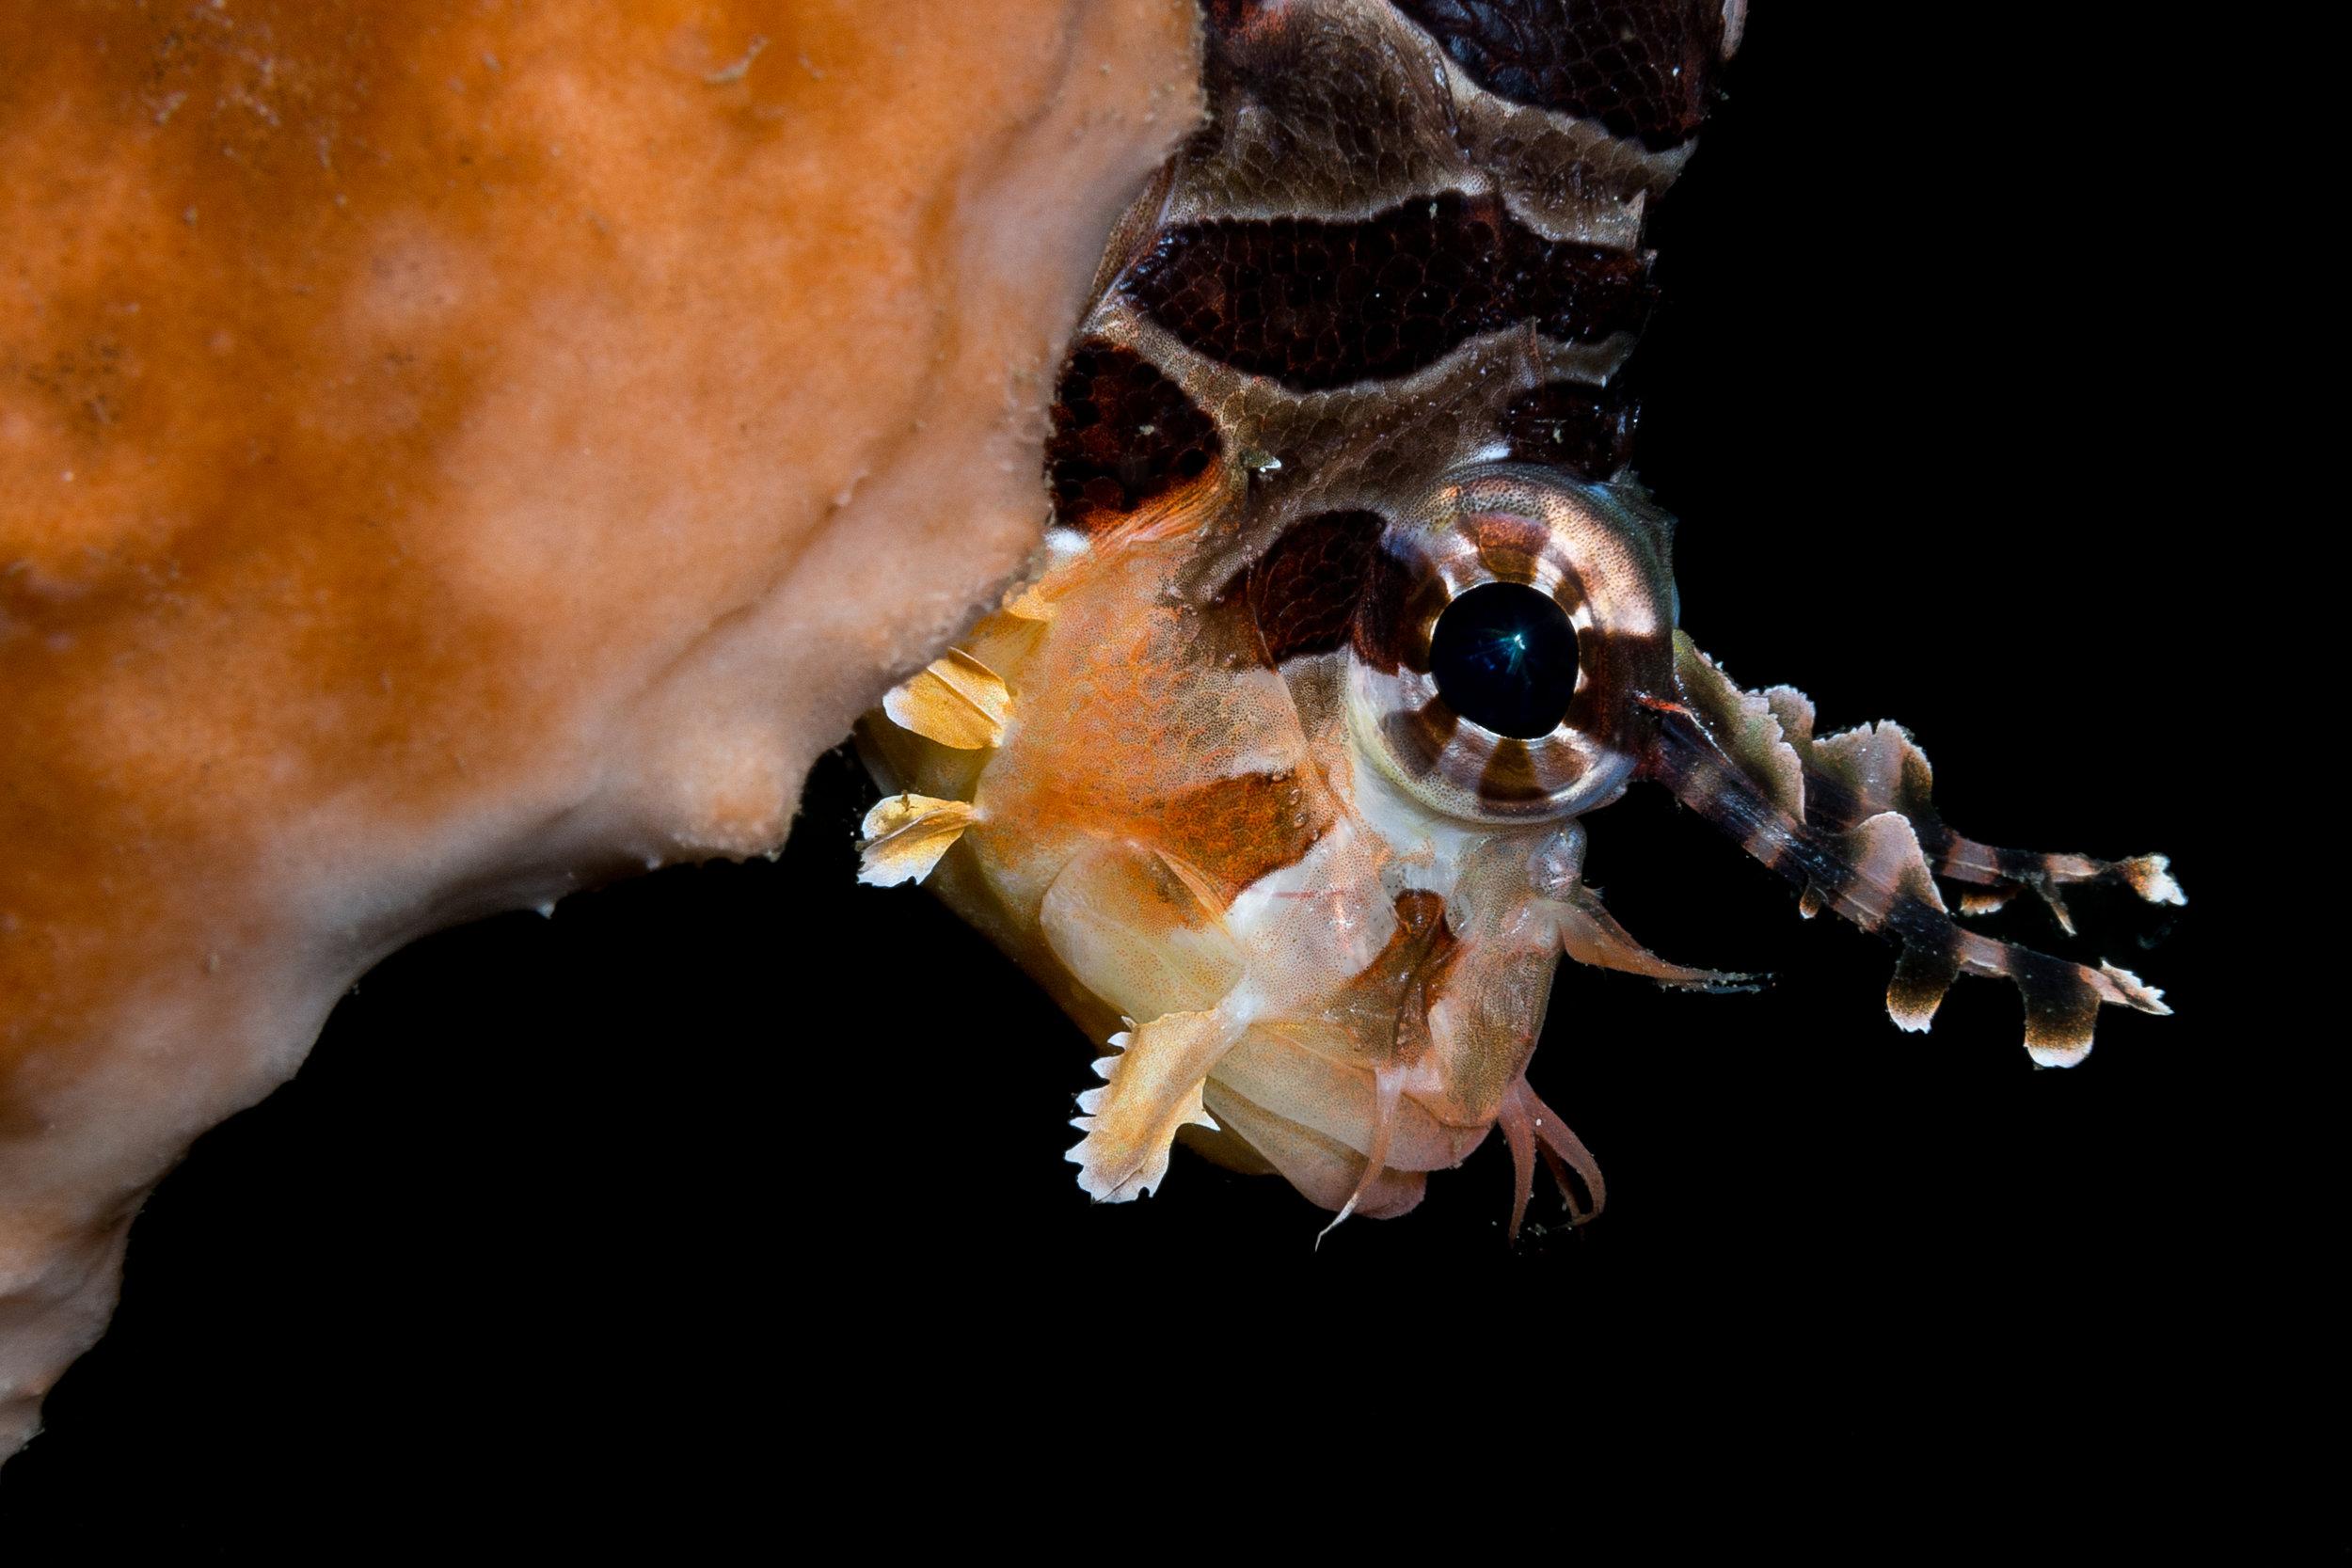 lionfish CREDIT: WOJTEK MECZYNSKI / coral reef image bank